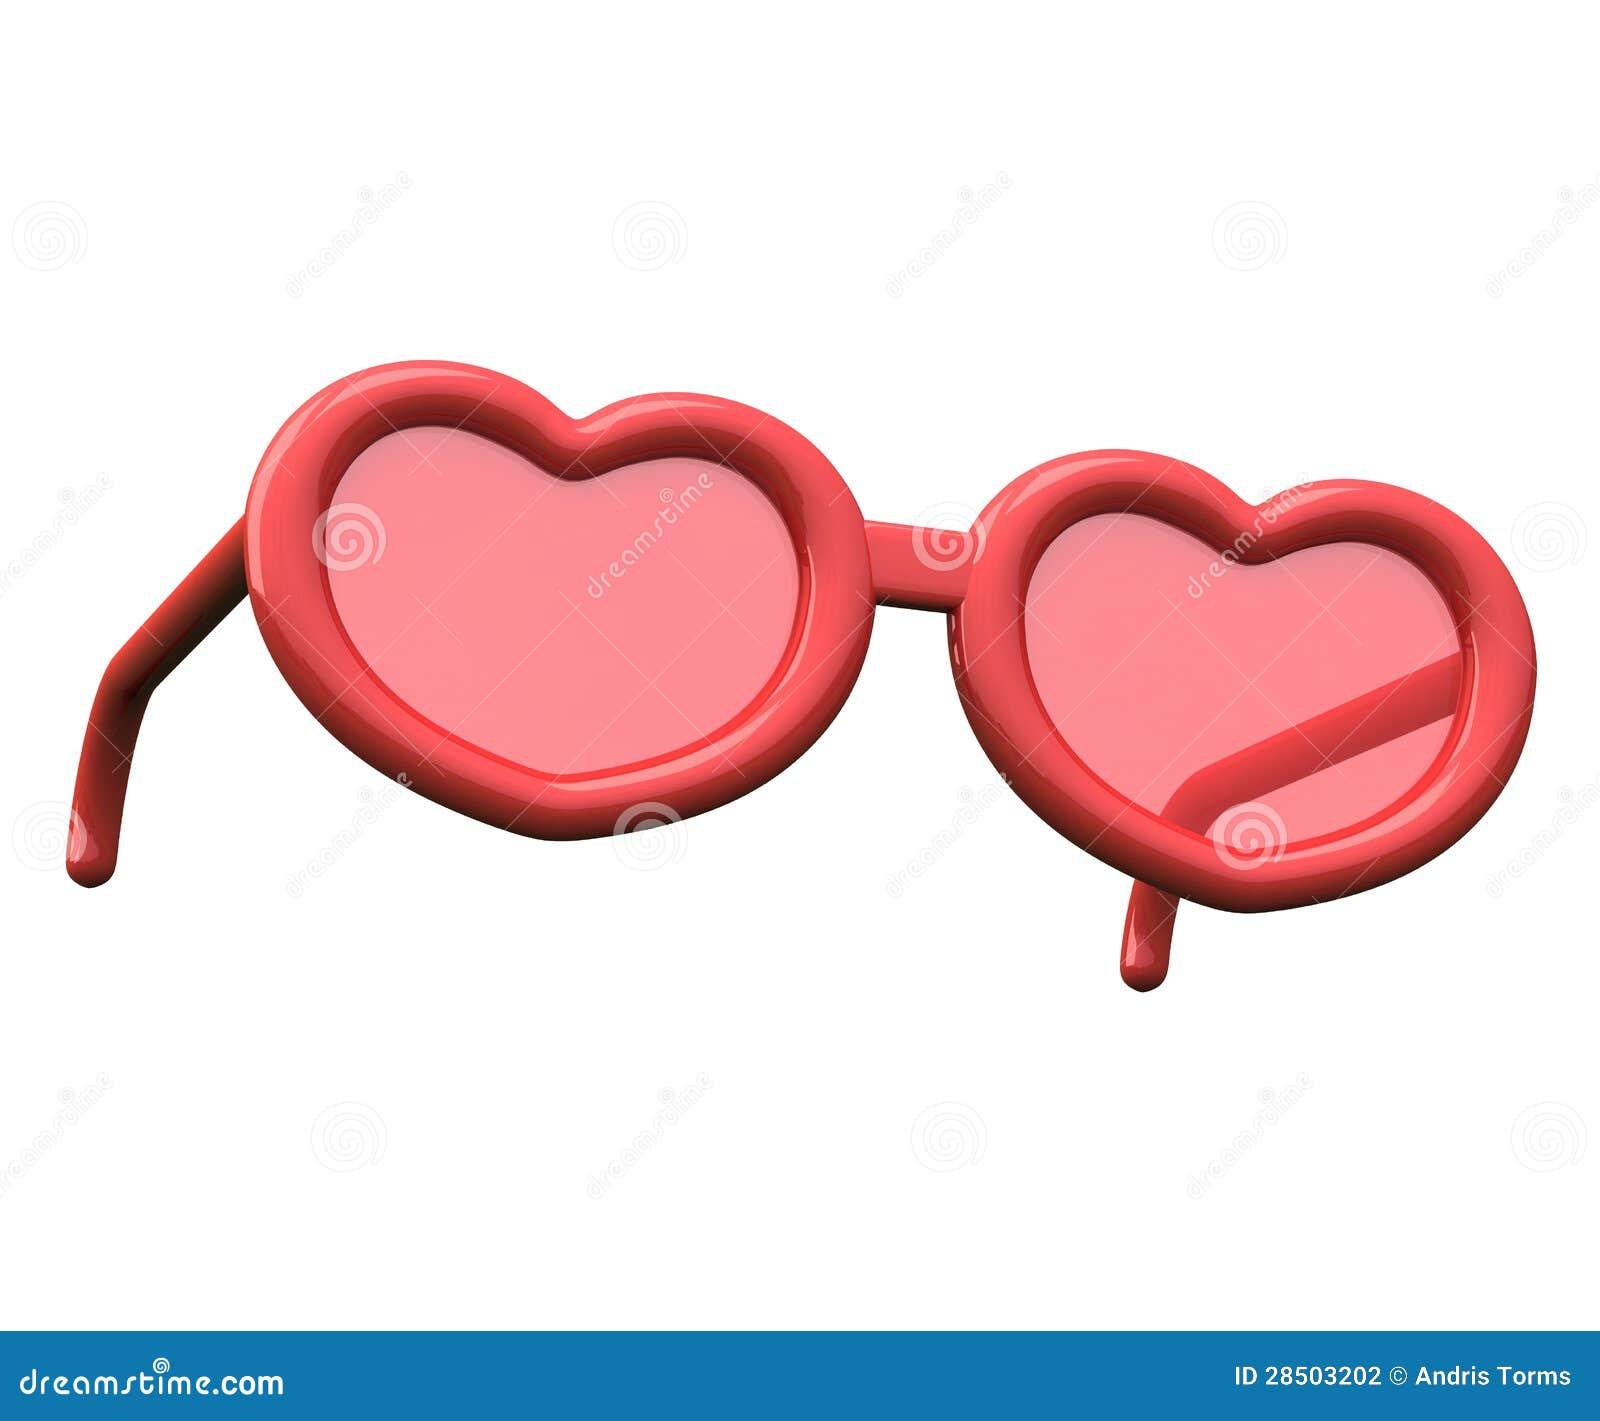 Διαμορφωμένα καρδιά γυαλιά ημέρας βαλεντίνων, τρισδιάστατα